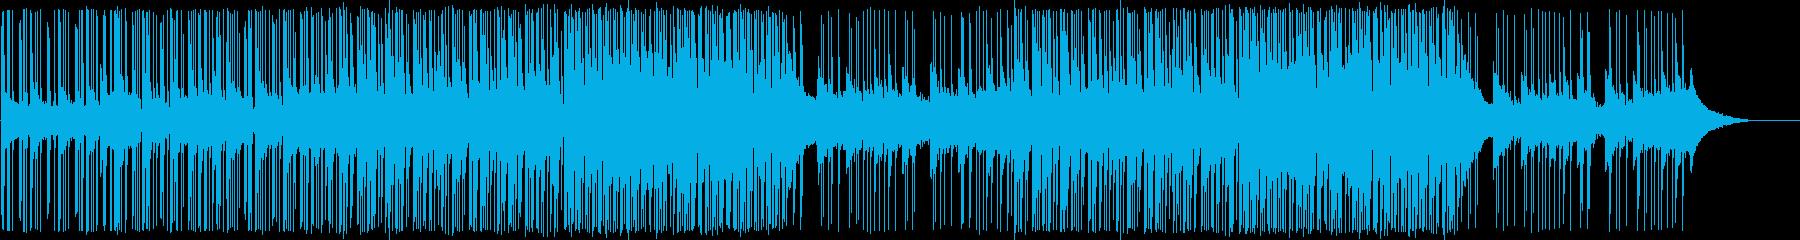 企業VP 夏 海 トロピカル EDM 3の再生済みの波形